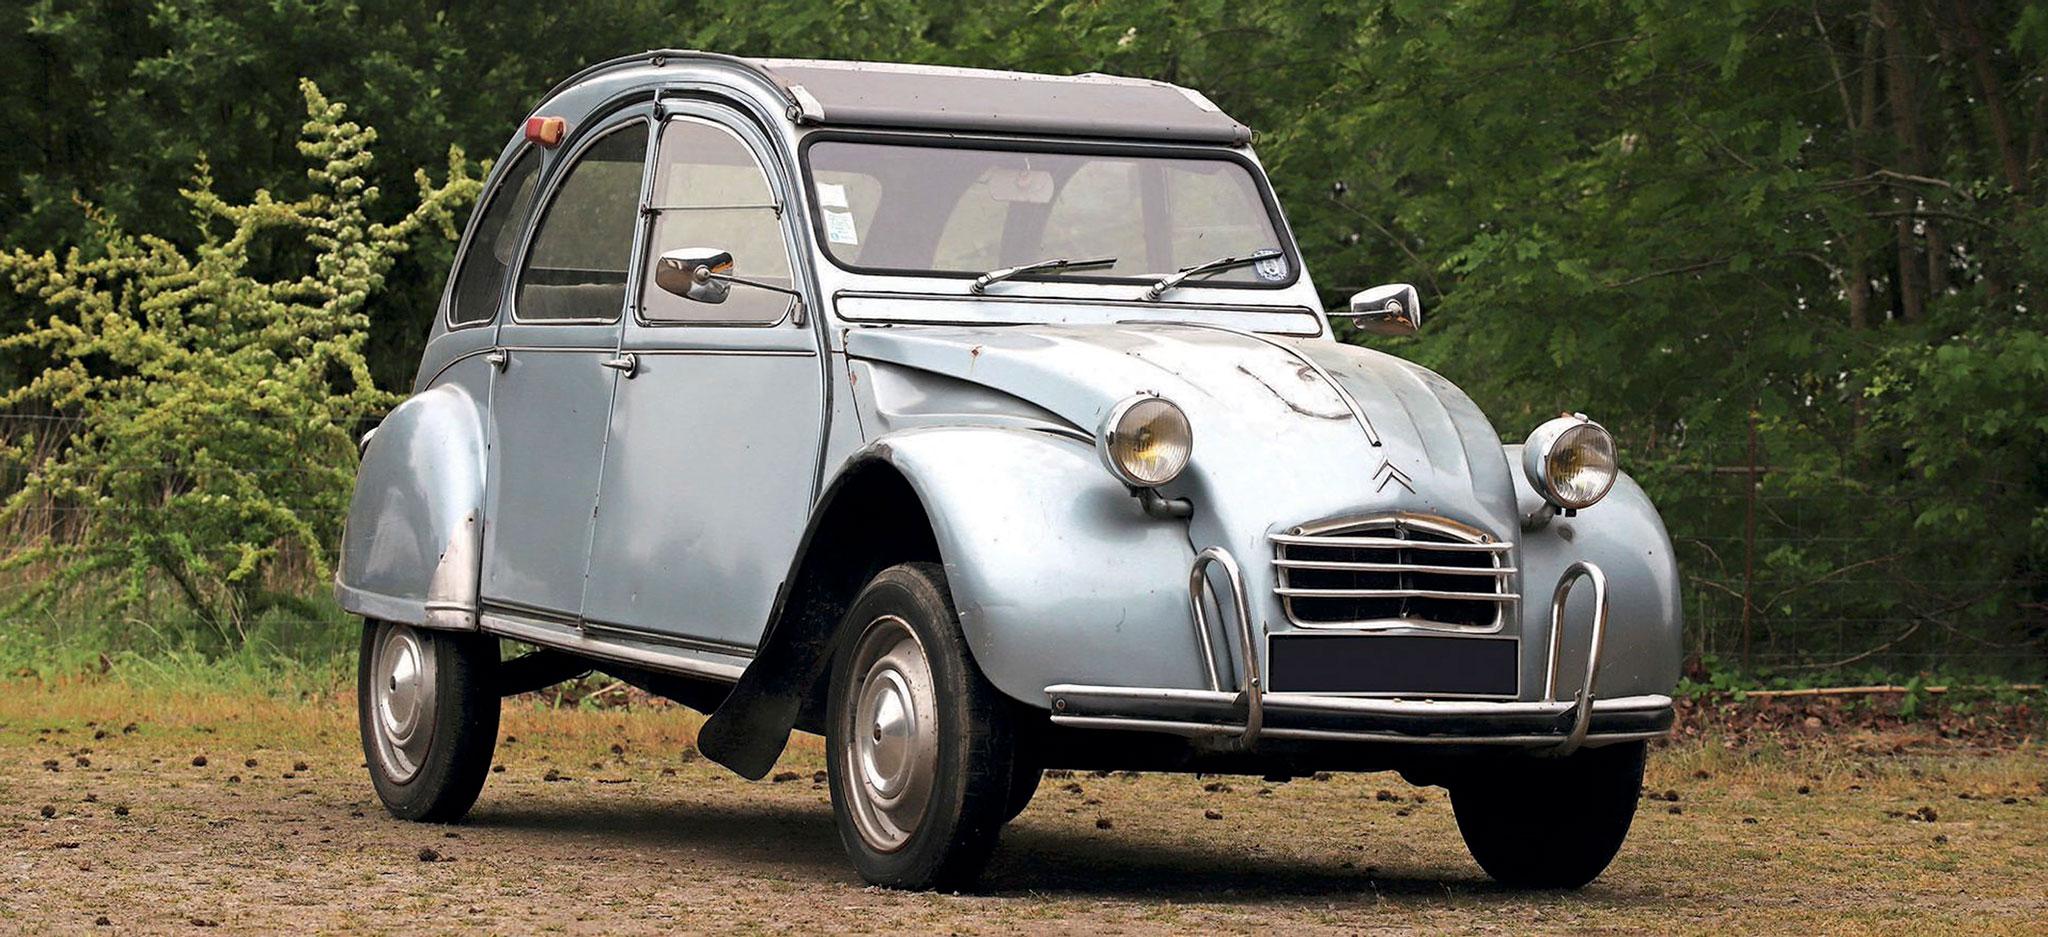 1966 Citroën 2CV AZAM €1000 - 3000 - Populaires Françaises.